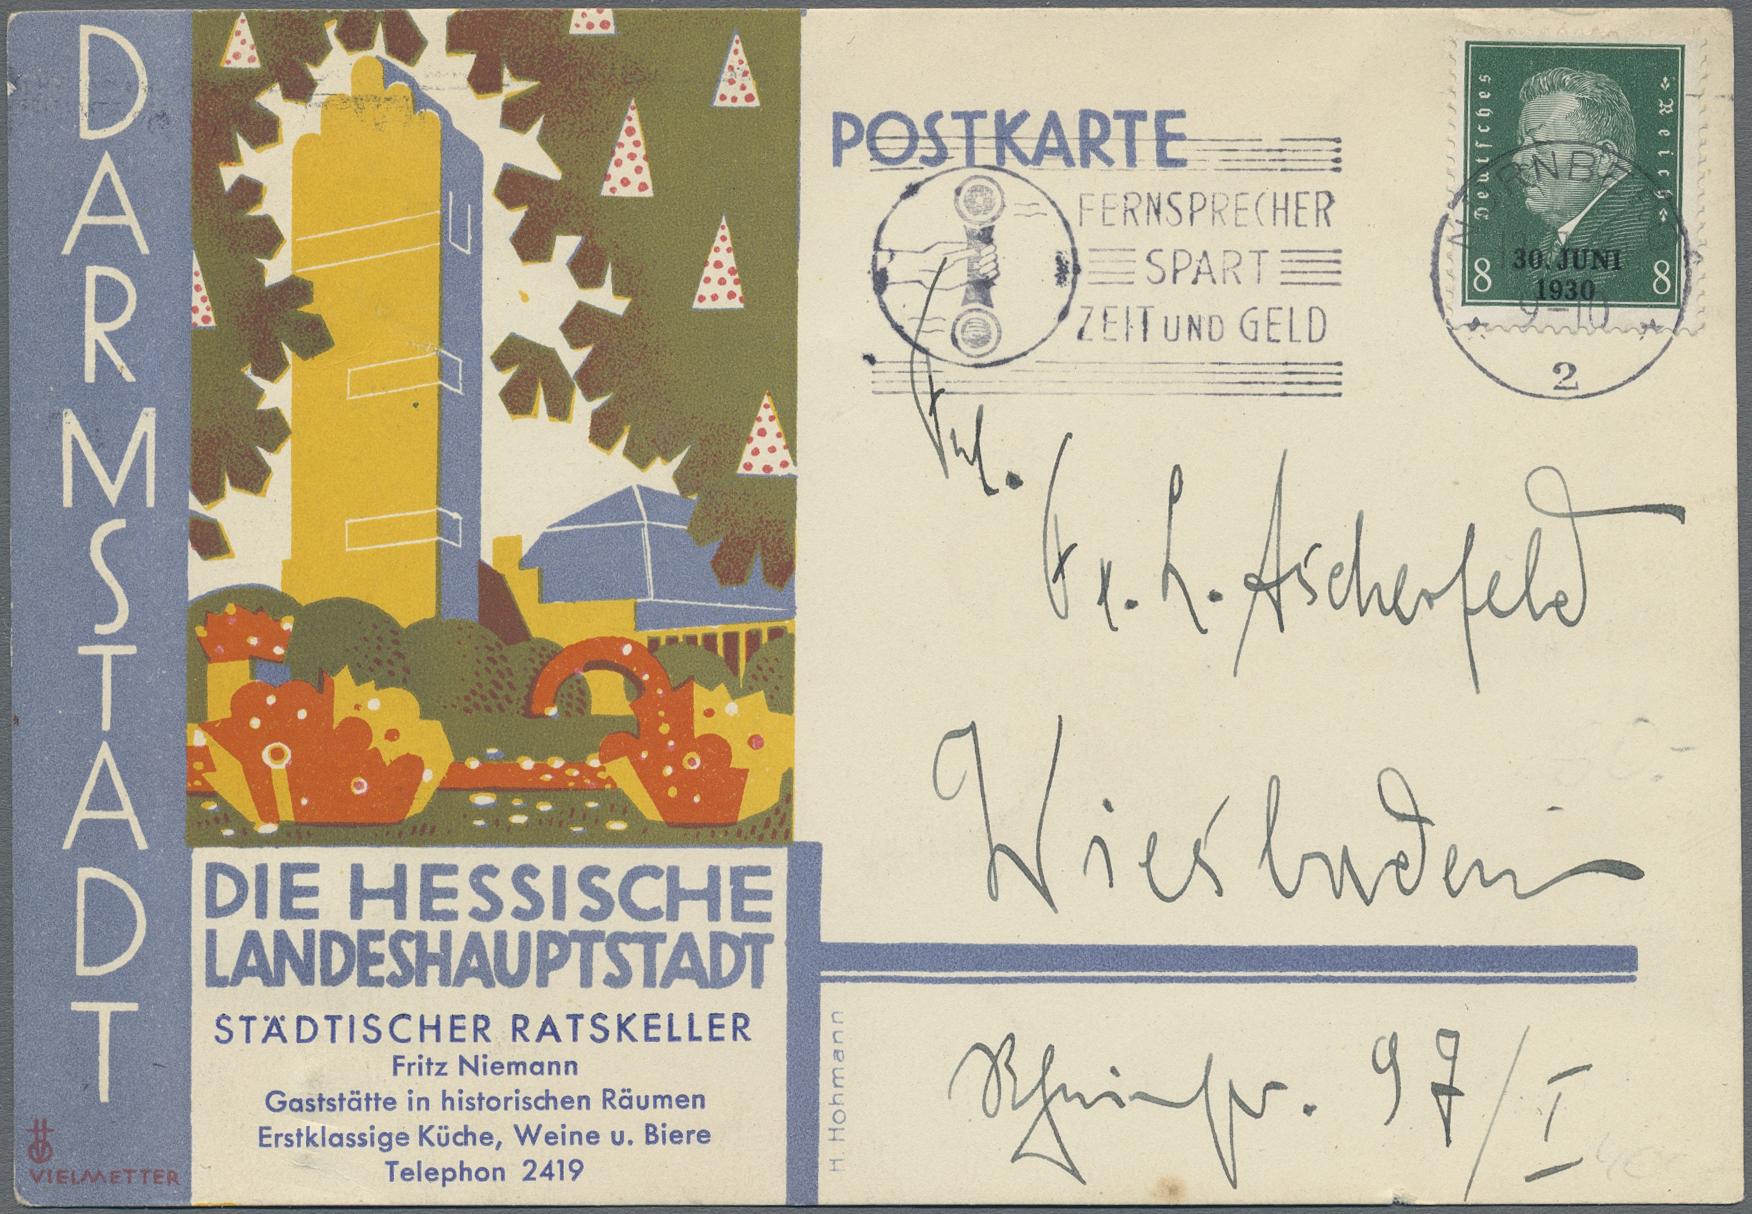 Full Size of Küche Gebraucht Hessen Stamp Auction Ansichtskarten Sale 44 Germany Ausstellungsküche Wandtattoos Vorhang Industriedesign Aufbewahrungssystem Obi Wohnzimmer Küche Gebraucht Hessen